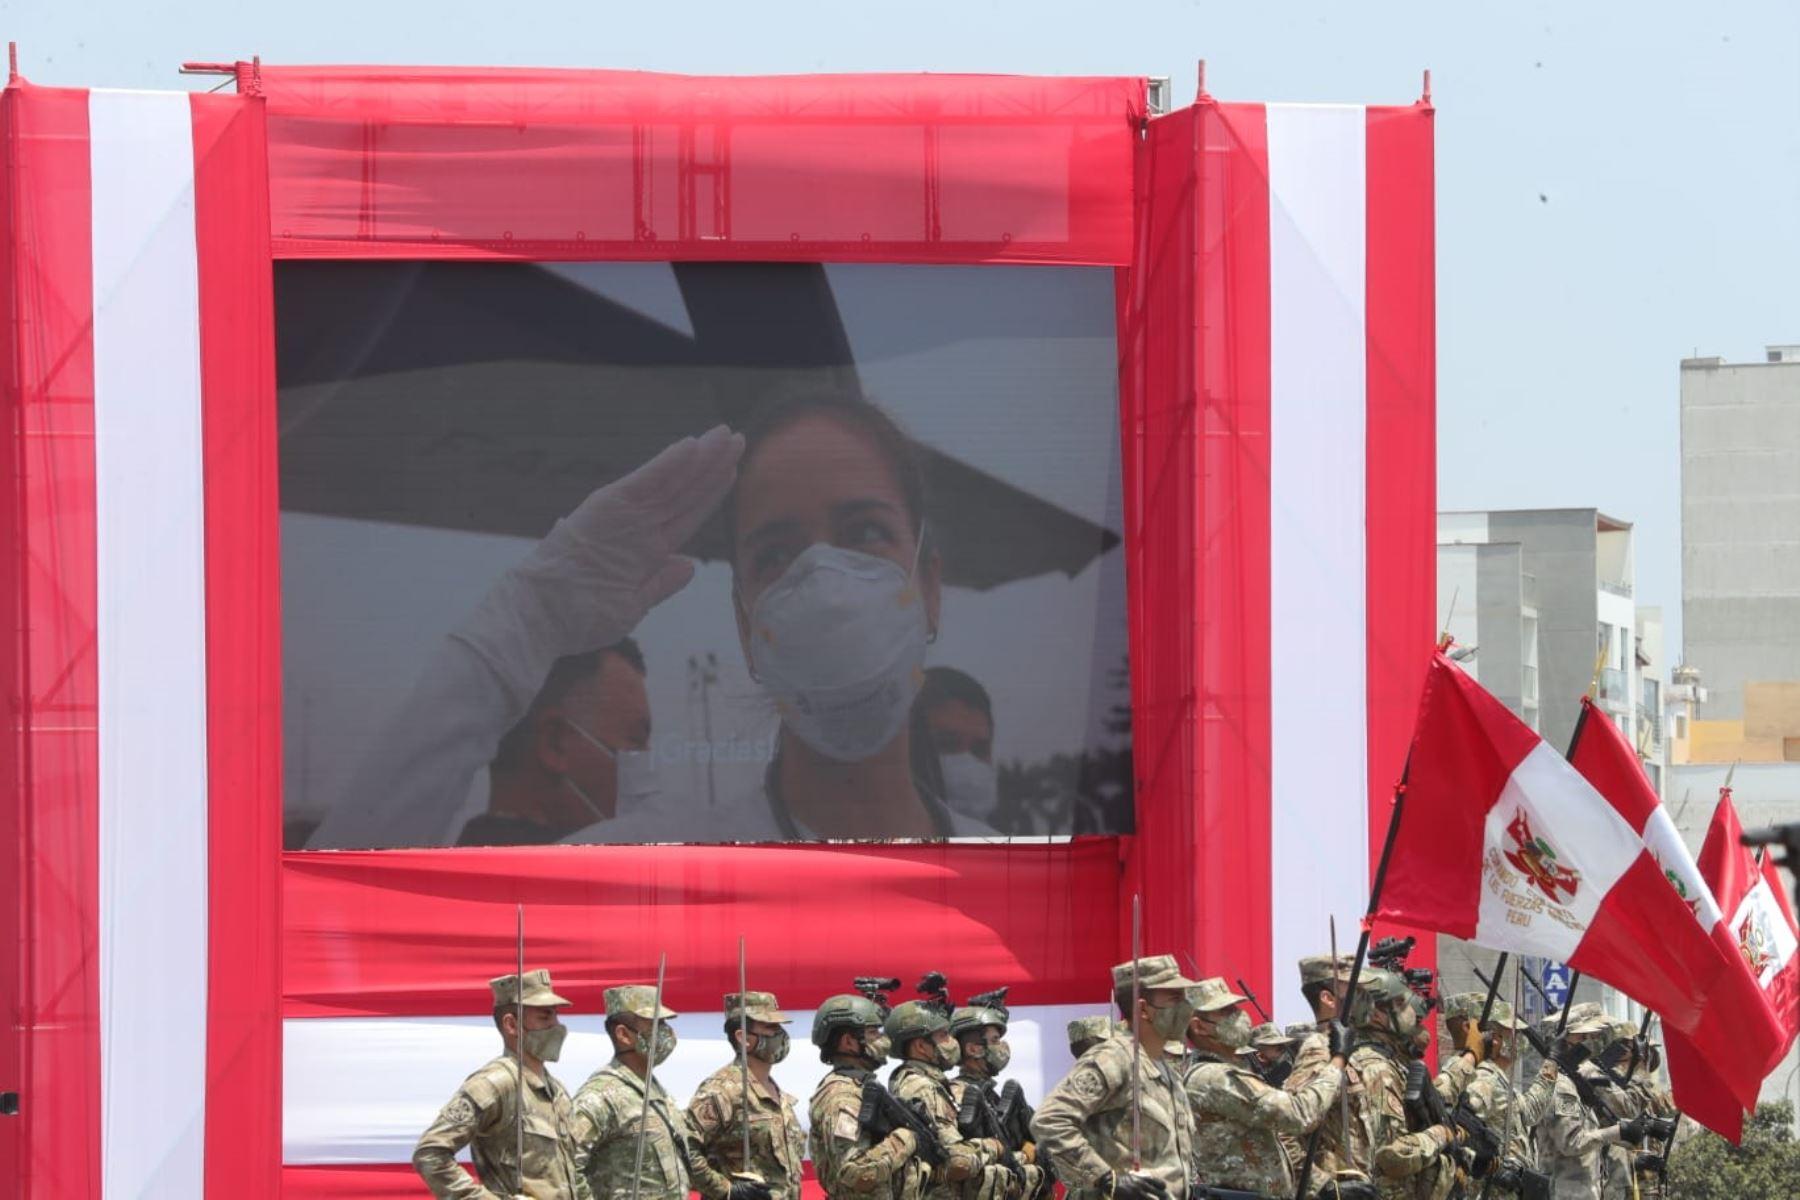 Presidente de la República,Martin Vizcarra participa de la ceremonia por el Día de las Fuerzas Armadas, institución que vela por la defensa y seguridad del país, además de contribuir en acciones para el cuidado y ayuda de los ciudadanos. Foto: ANDINA/Prensa Presidencia